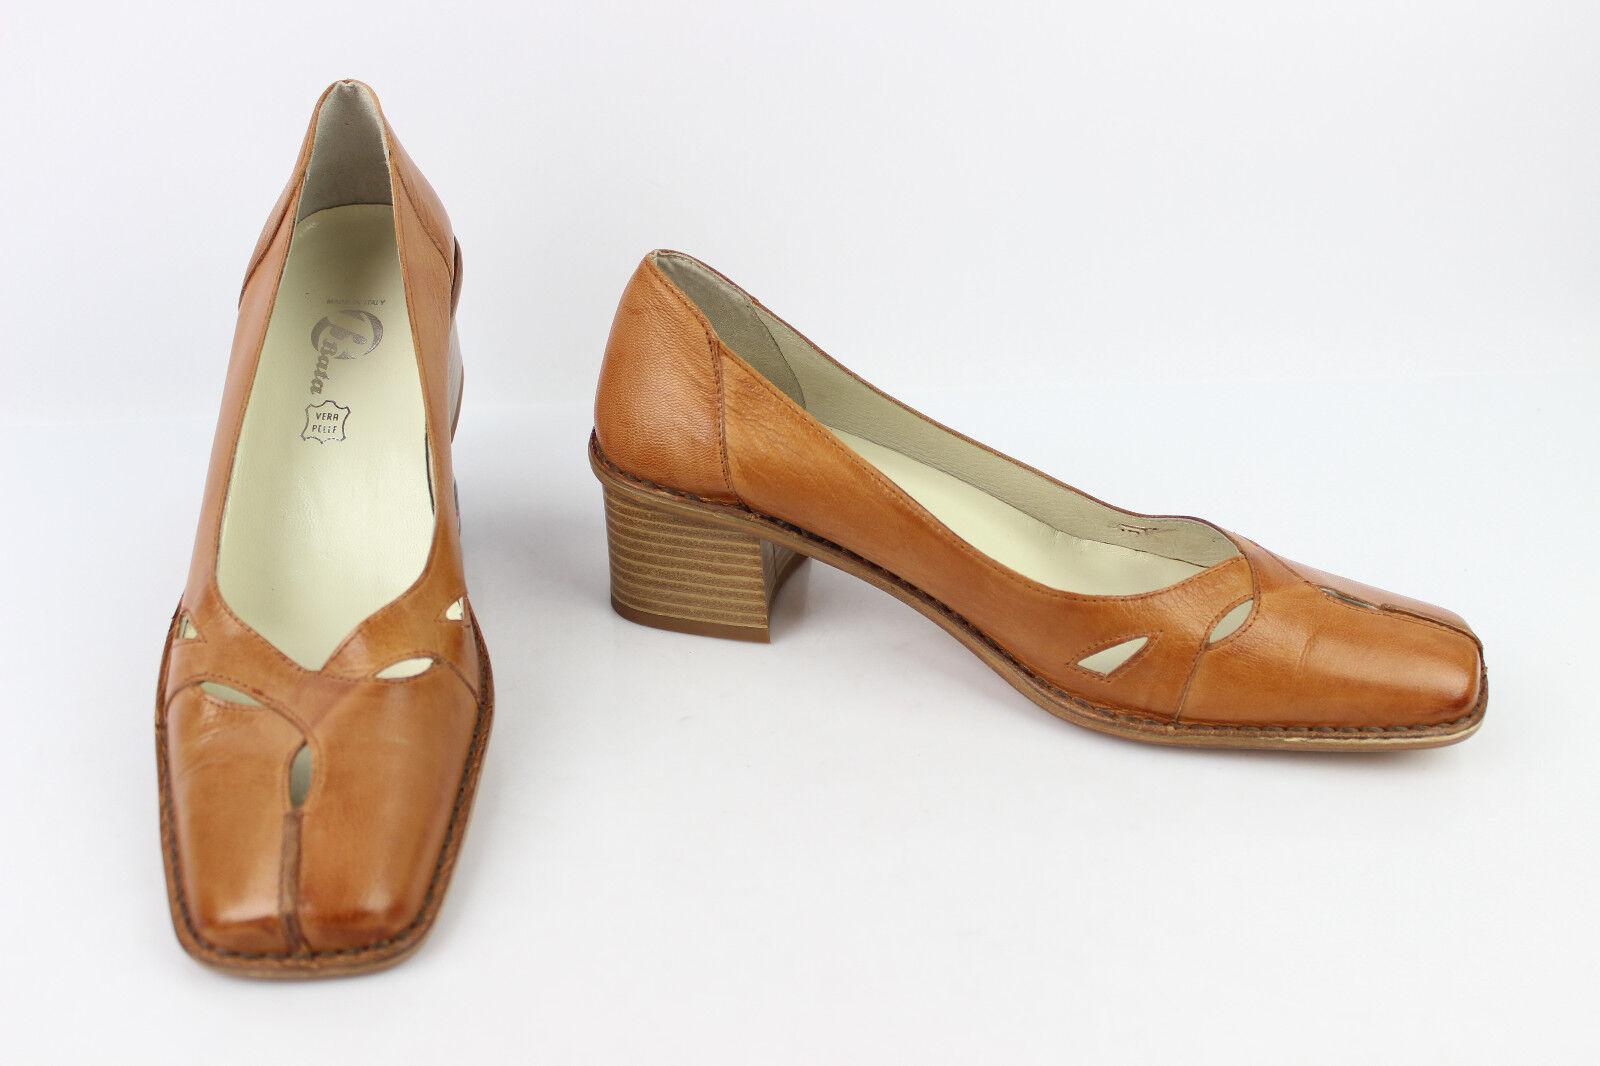 VINTAGE Zapatos BATA En Piel Fauve T T T 40 Excelente Estado  tienda